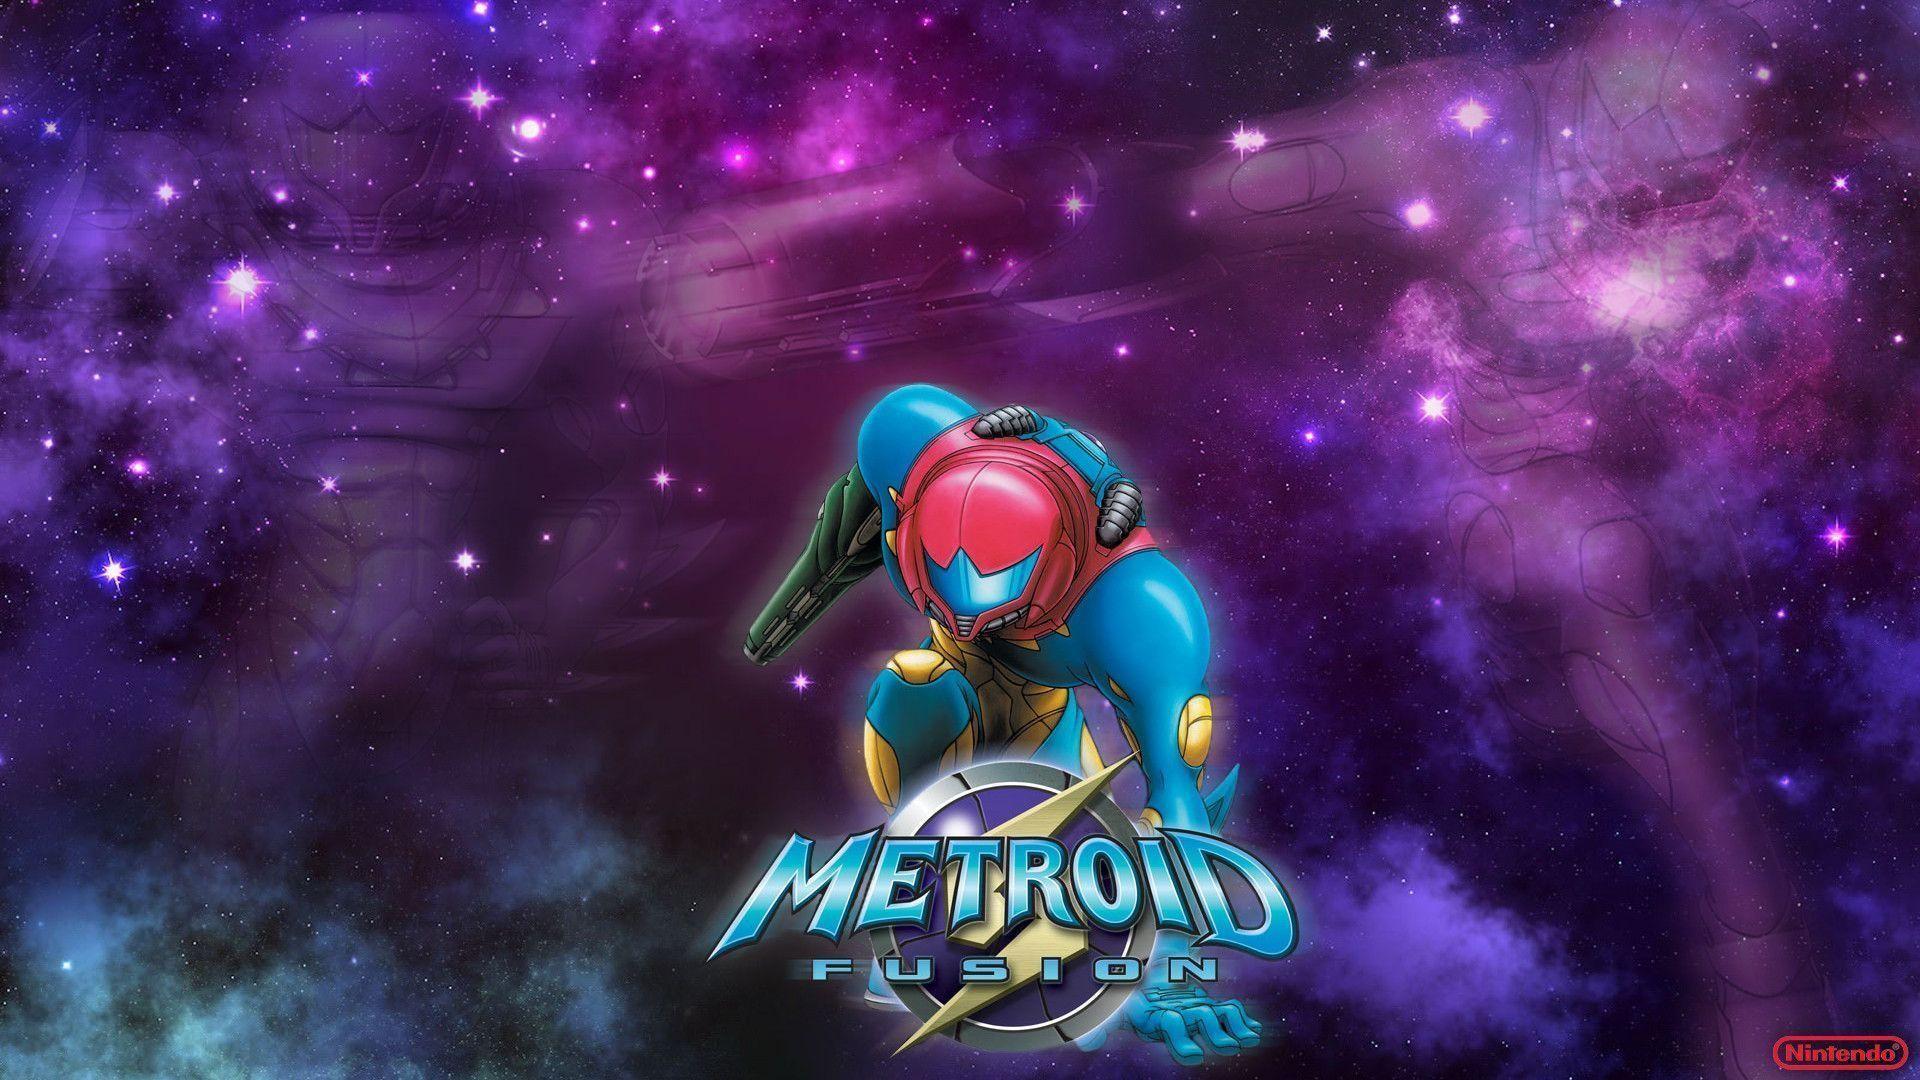 <b>Metroid</b> Full HD <b>Wallpaper</